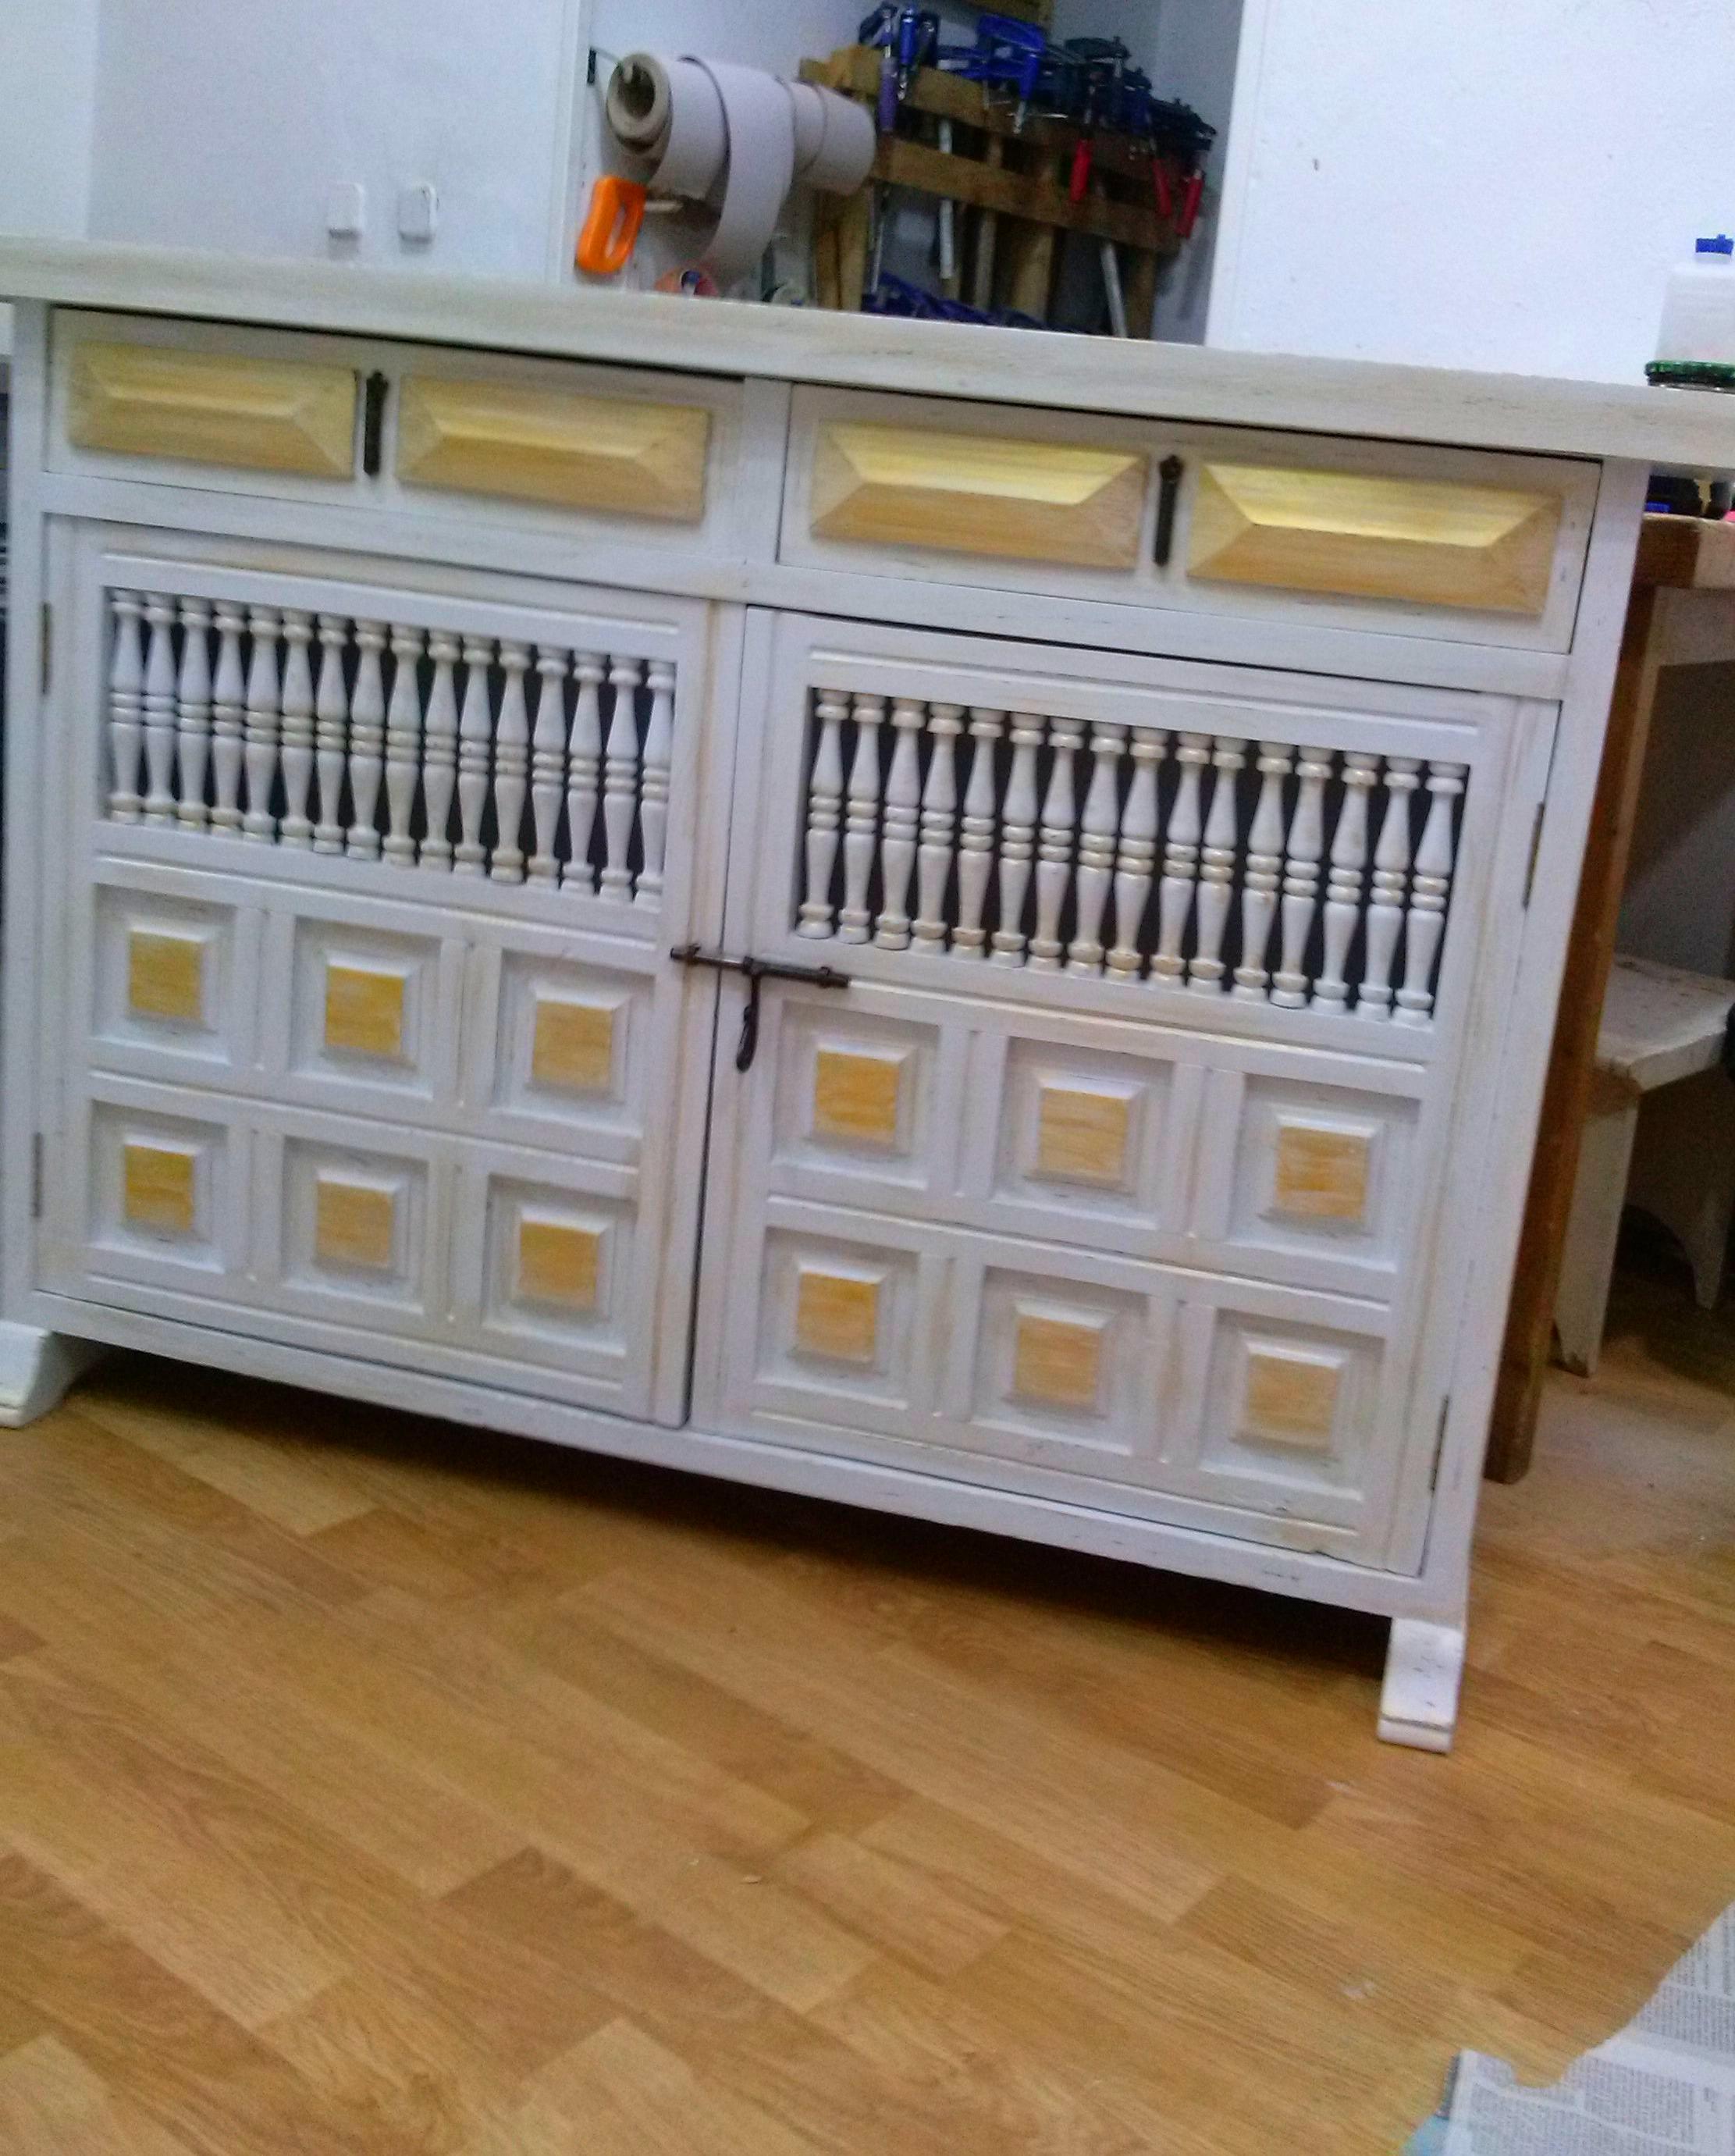 Foto 11 de restauraci n de muebles y antig edades en - Muebles castellanos ...